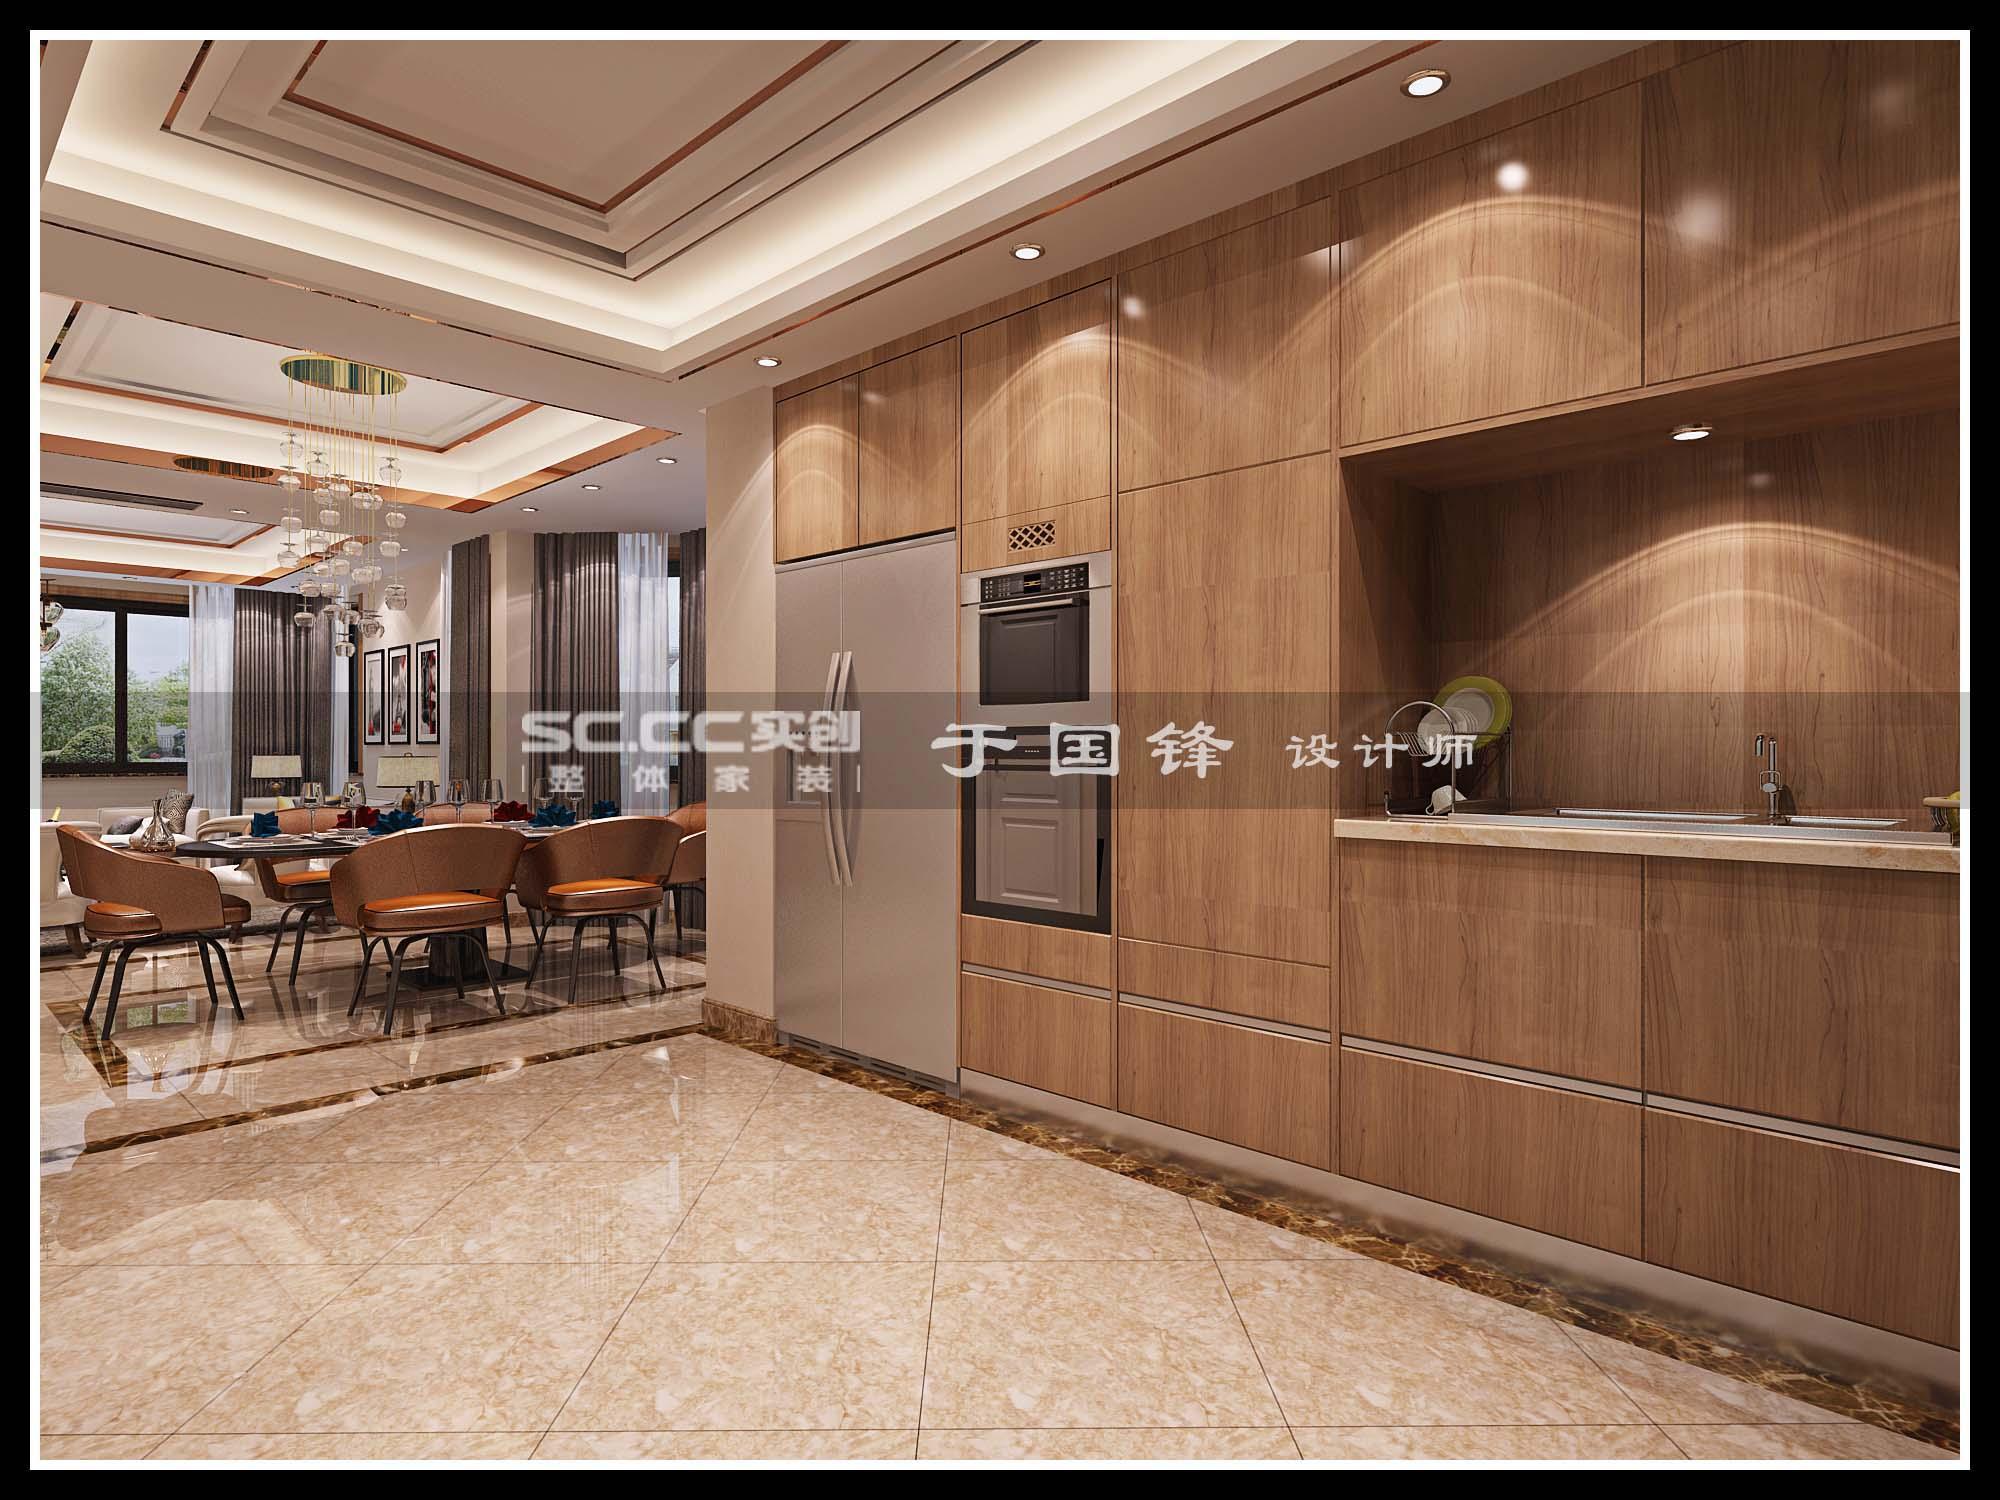 港式 别墅 世茂 玲珑台 餐厅图片来自快乐彩在世茂玲珑台240平联排别墅的分享